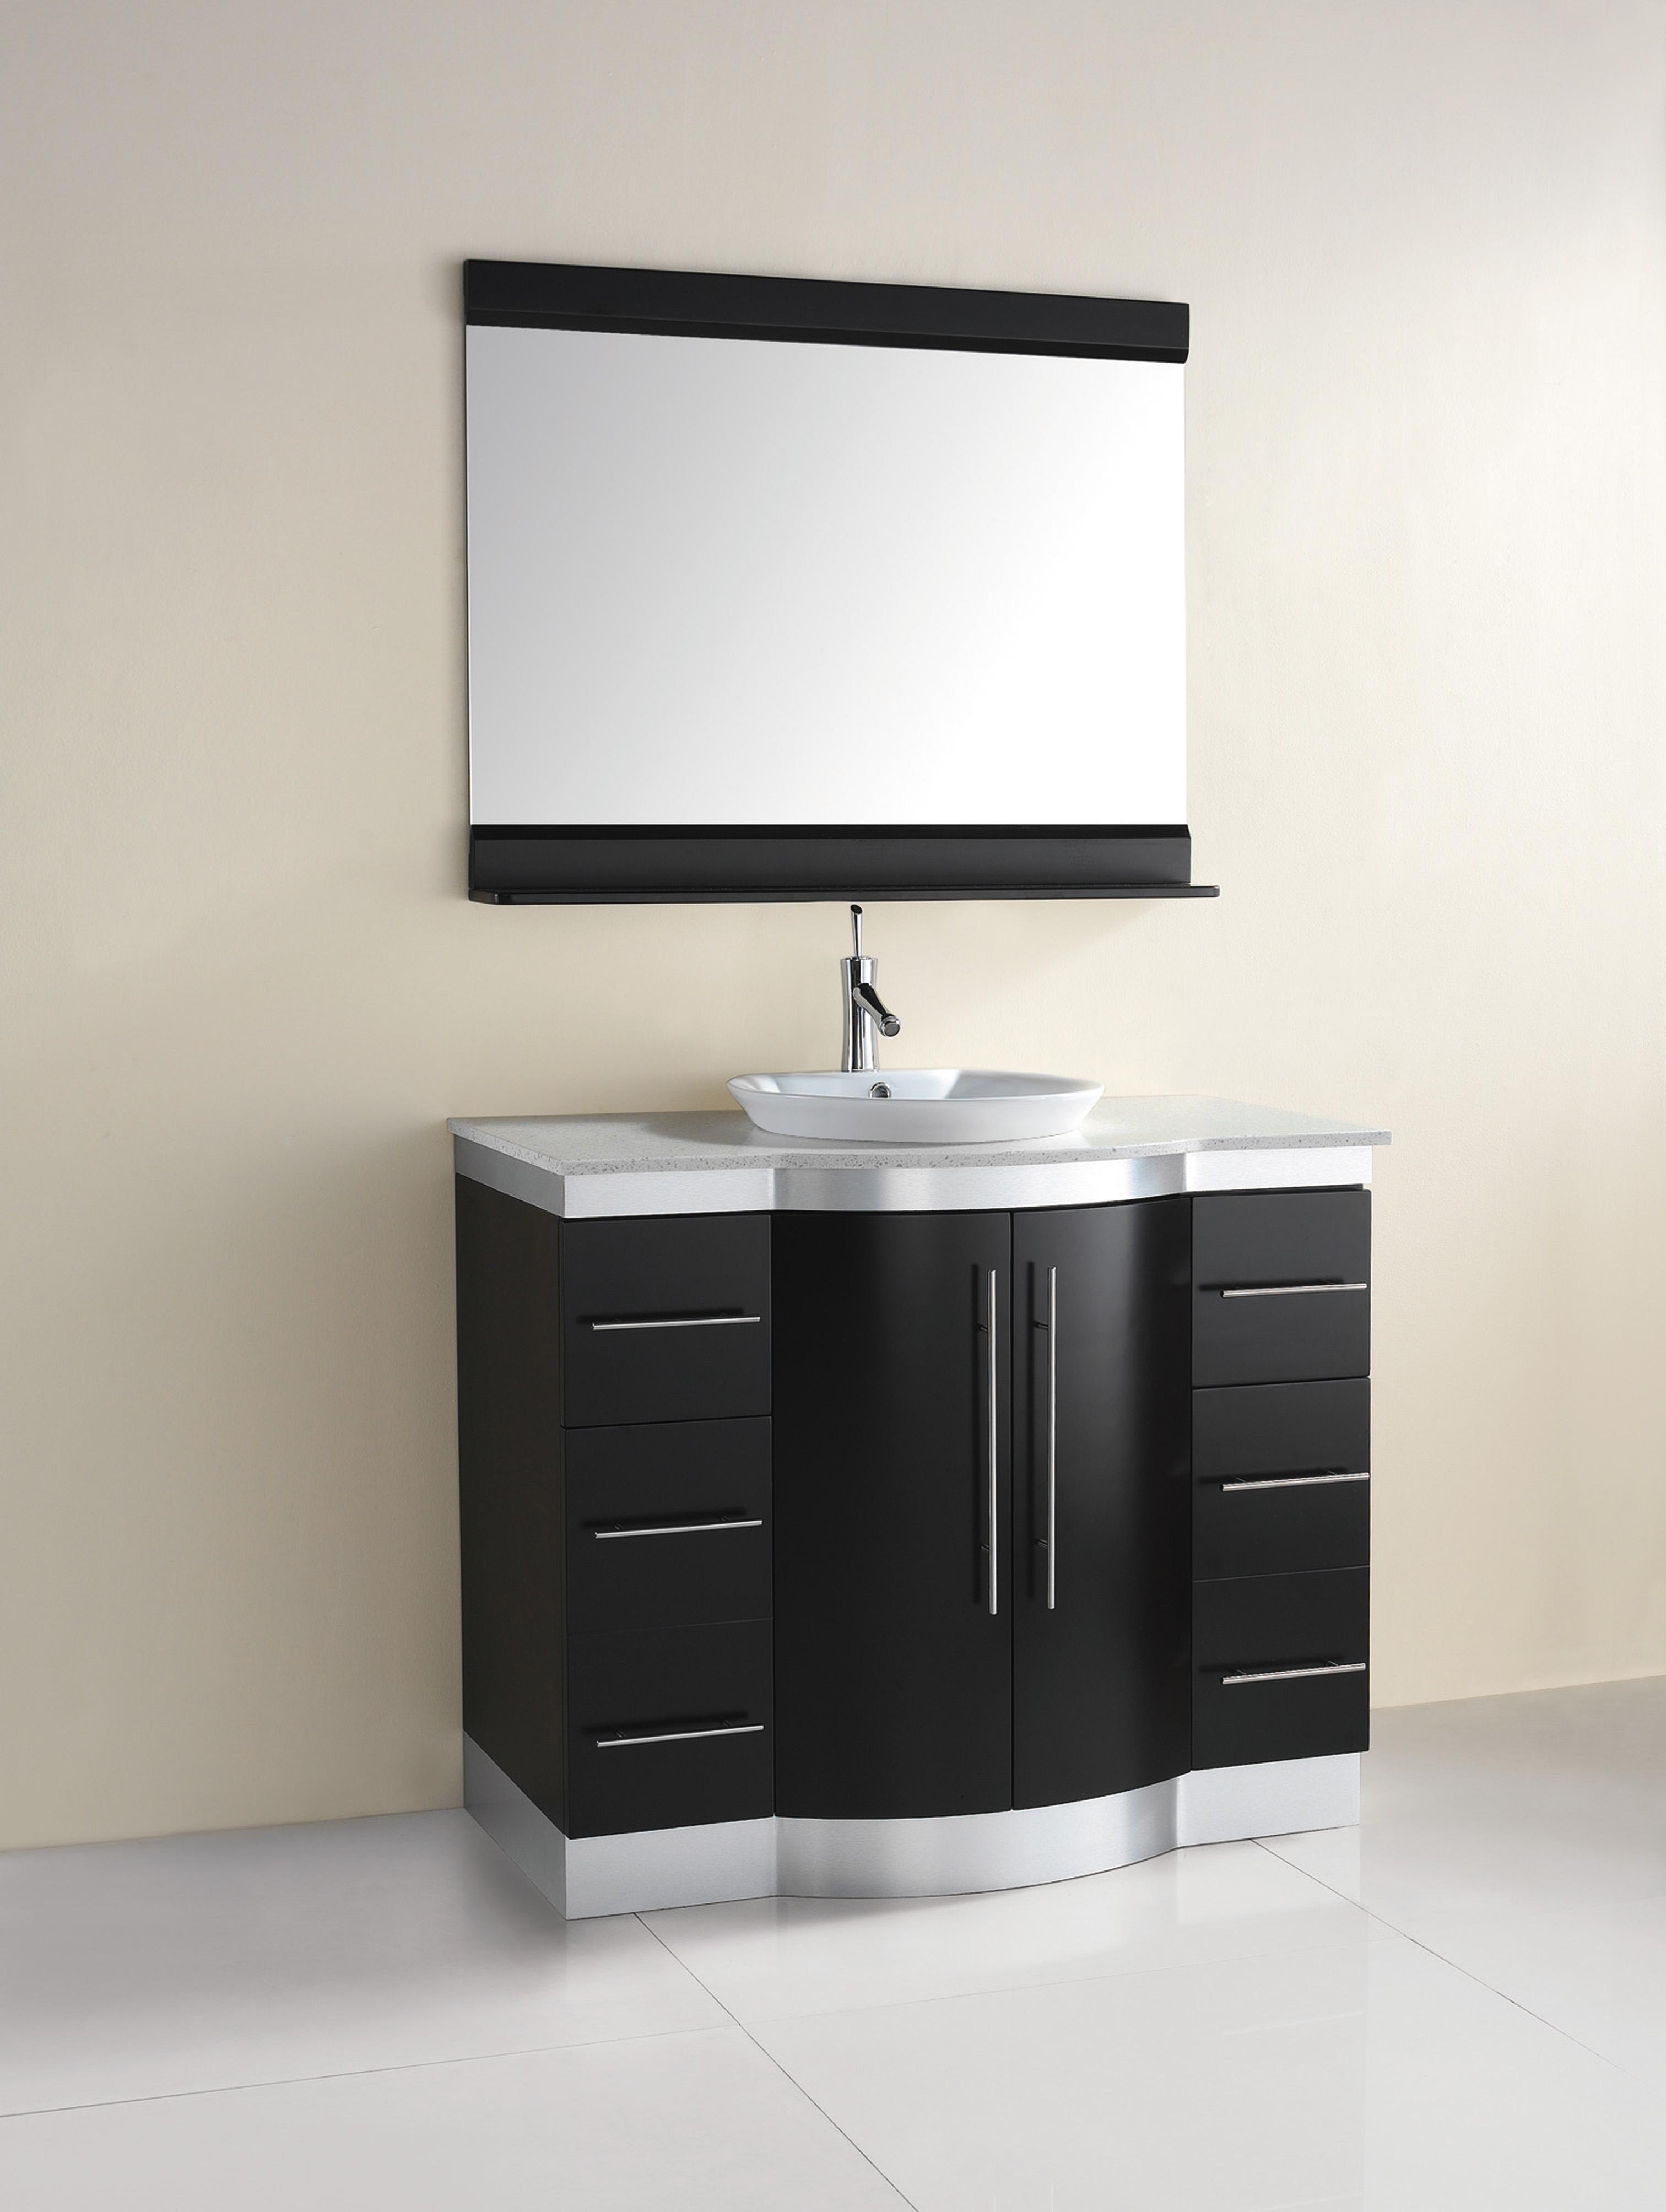 superb bathroom vanity with vessel sink decoration-Beautiful Bathroom Vanity with Vessel Sink Design